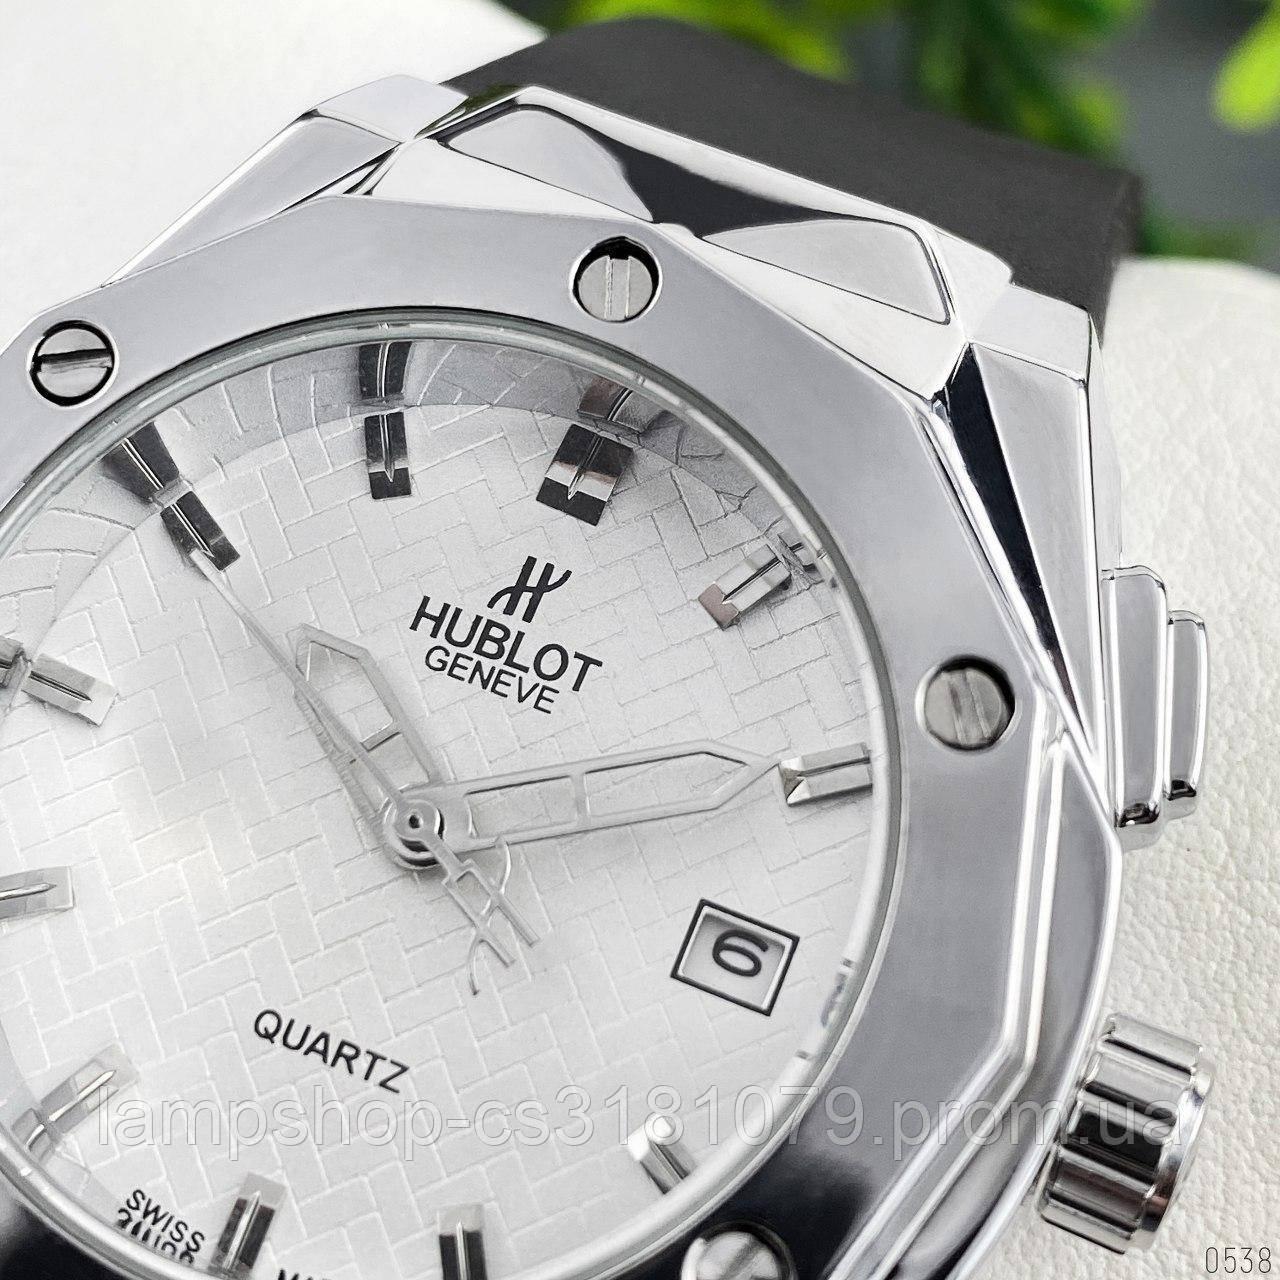 Hublot Big Bang Small 888788 Silver-White